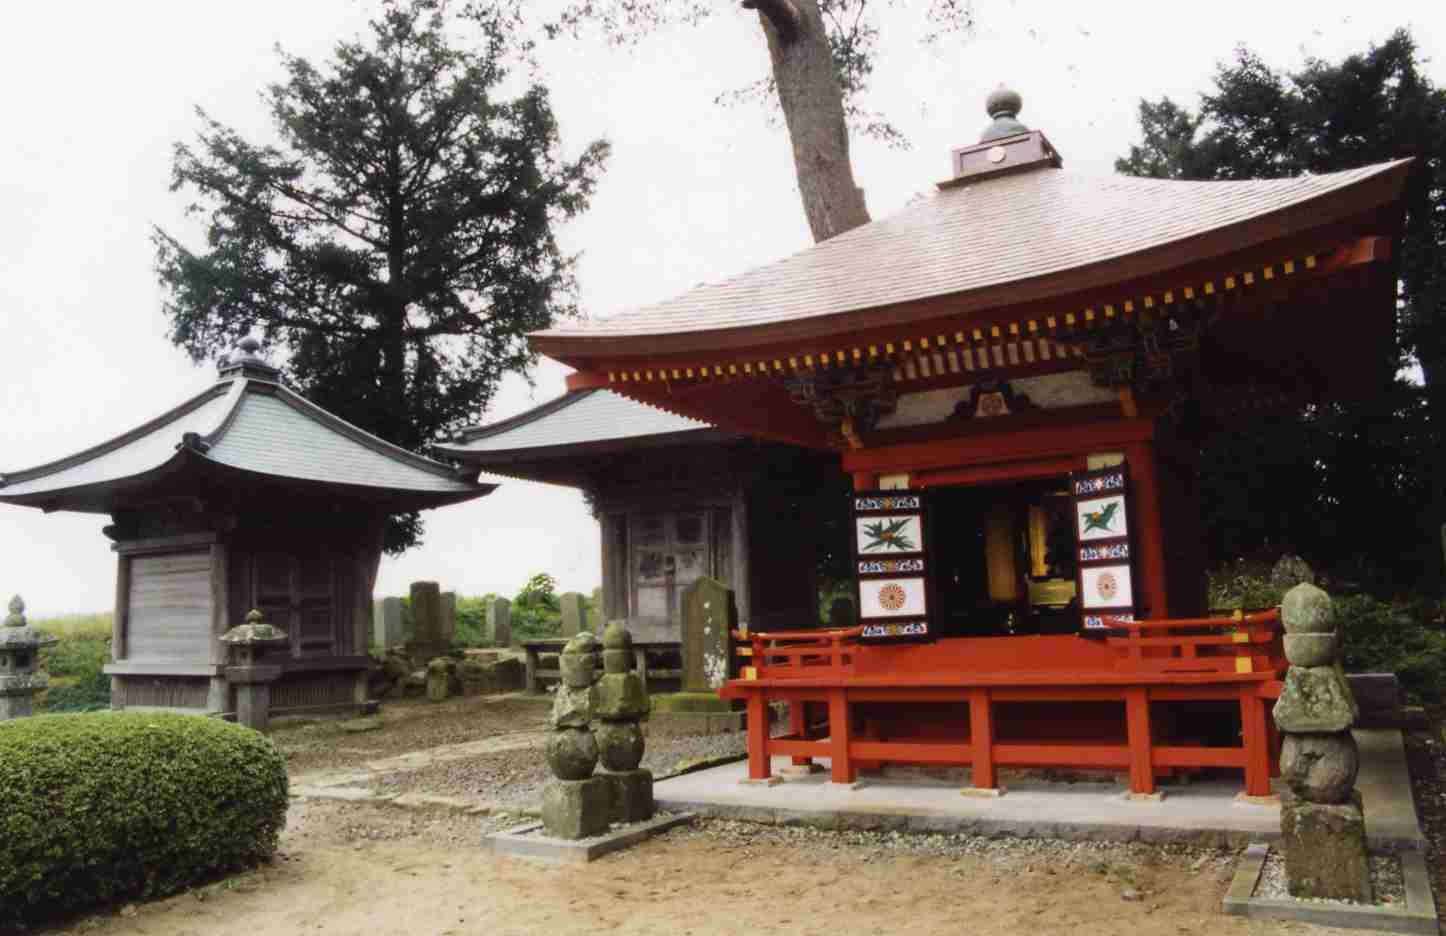 大雄寺(Daiouji)